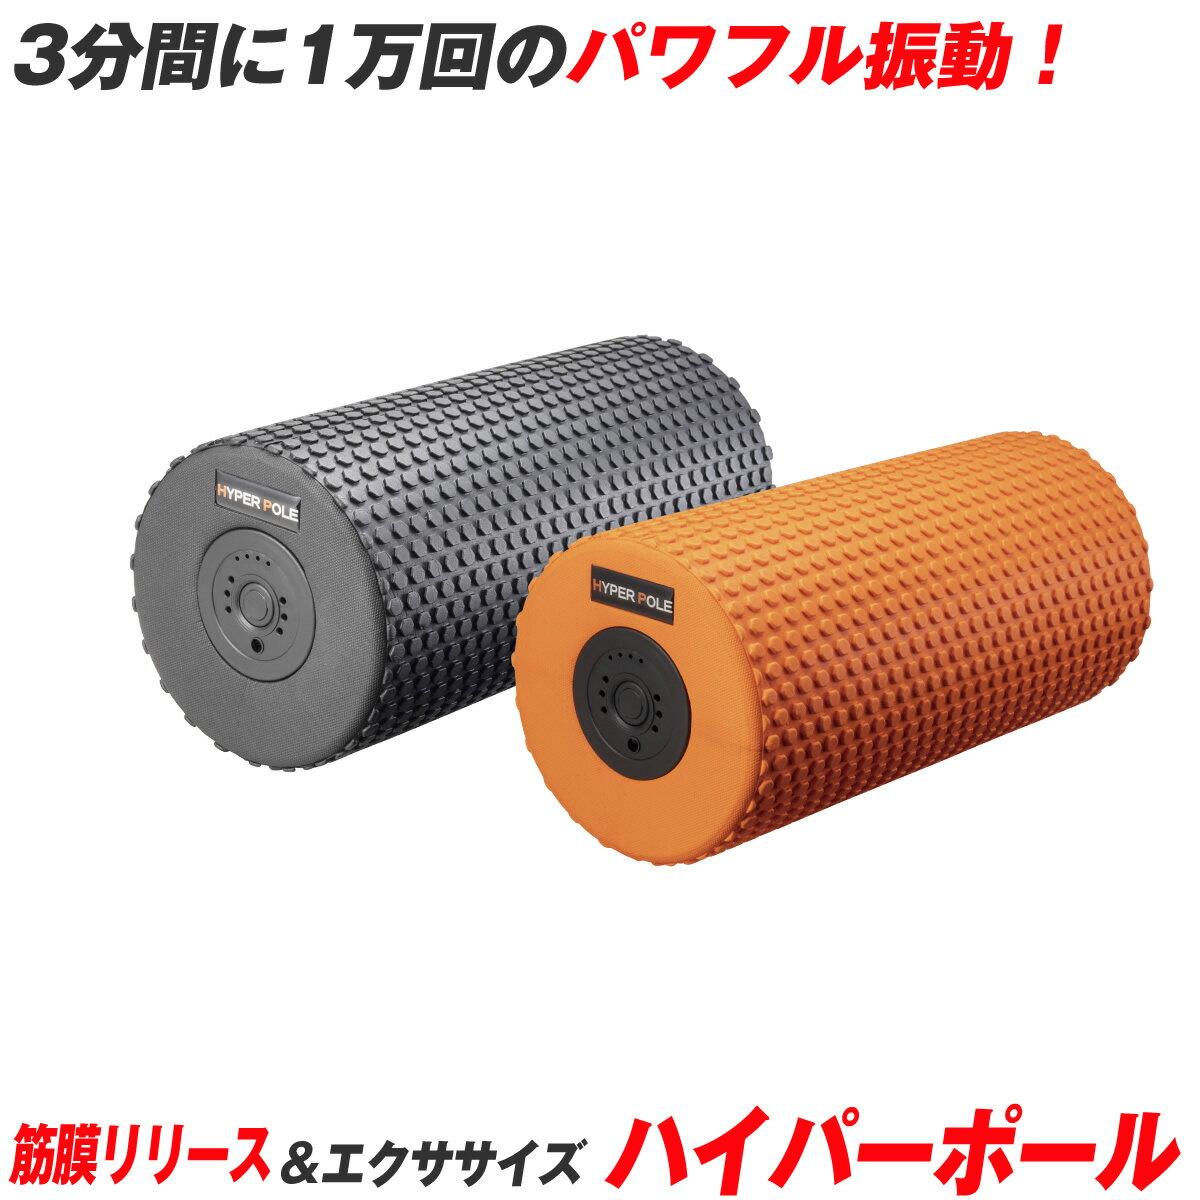 ハイパーポール / ストレッチ ヨガ ポール 振動 筋膜リリース 電動 マッサージ ローラー